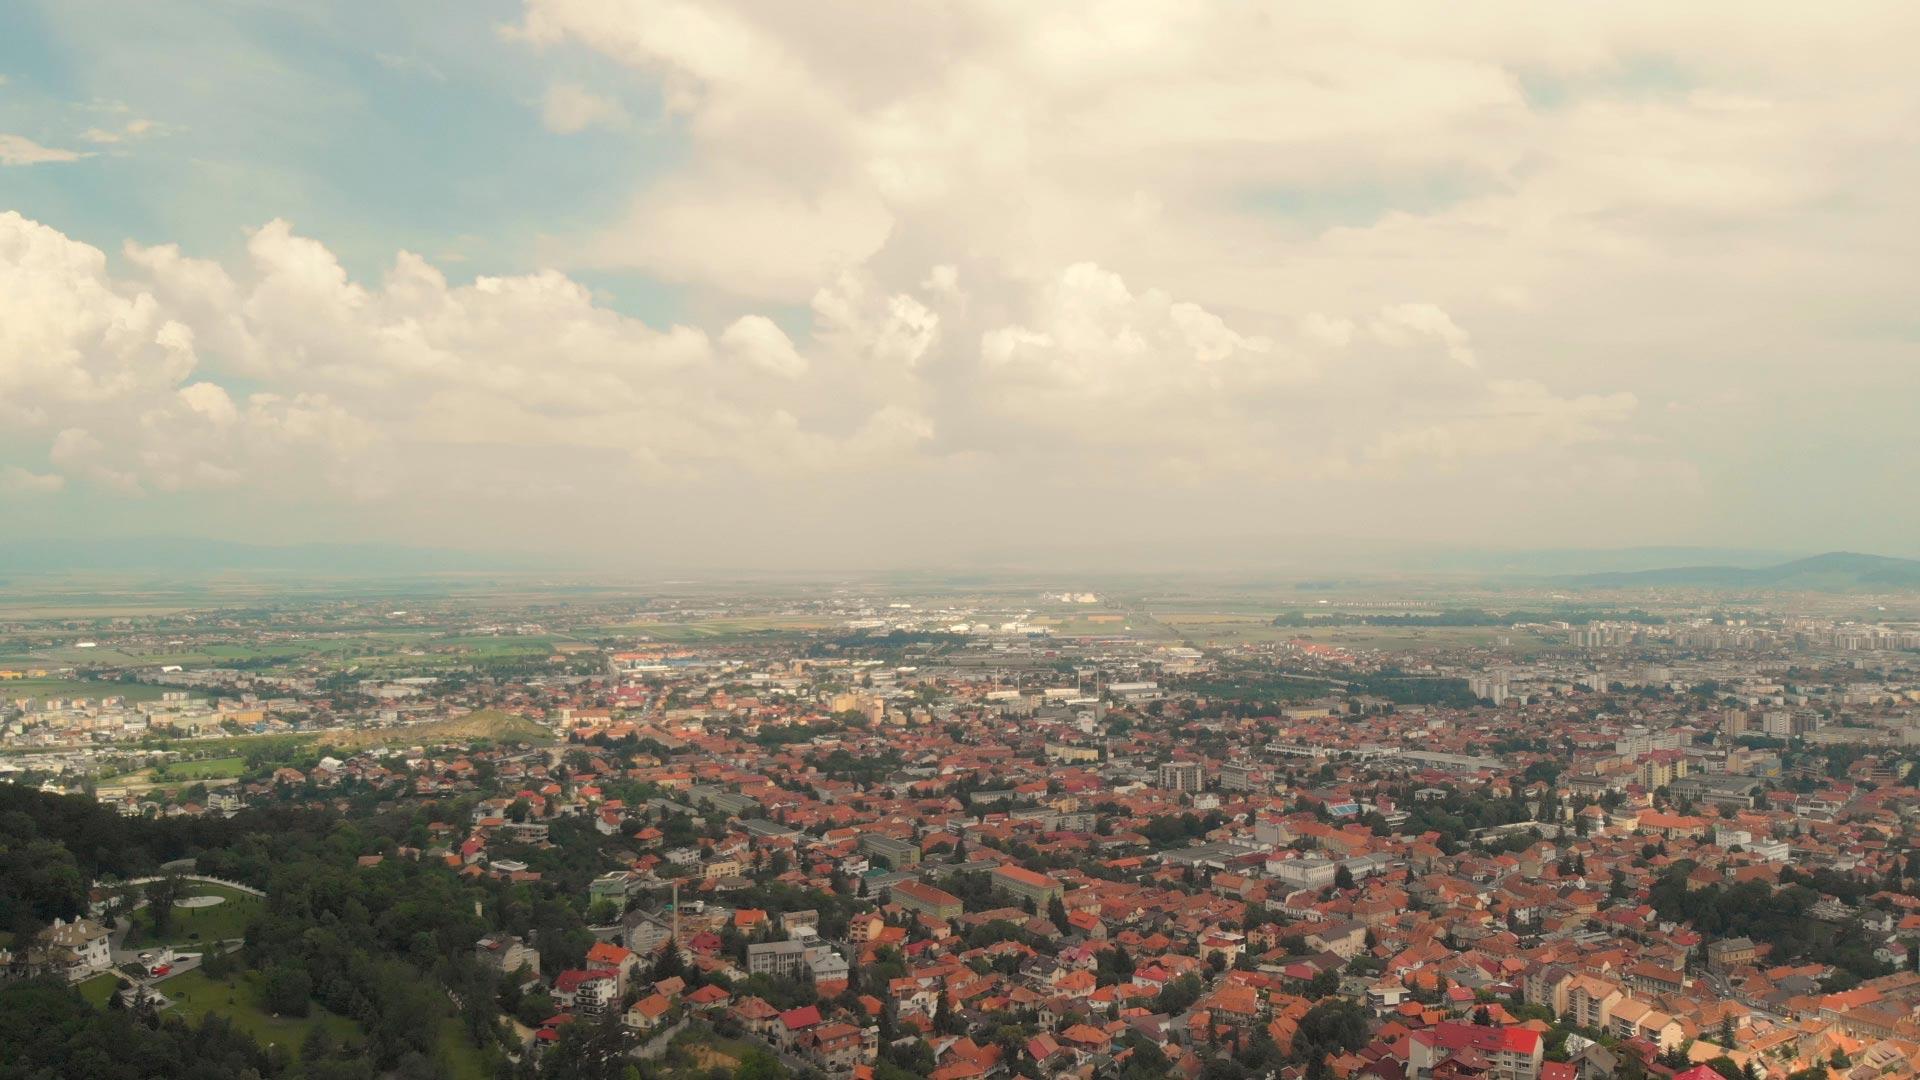 Filmare cu drona in Brasov si Romania